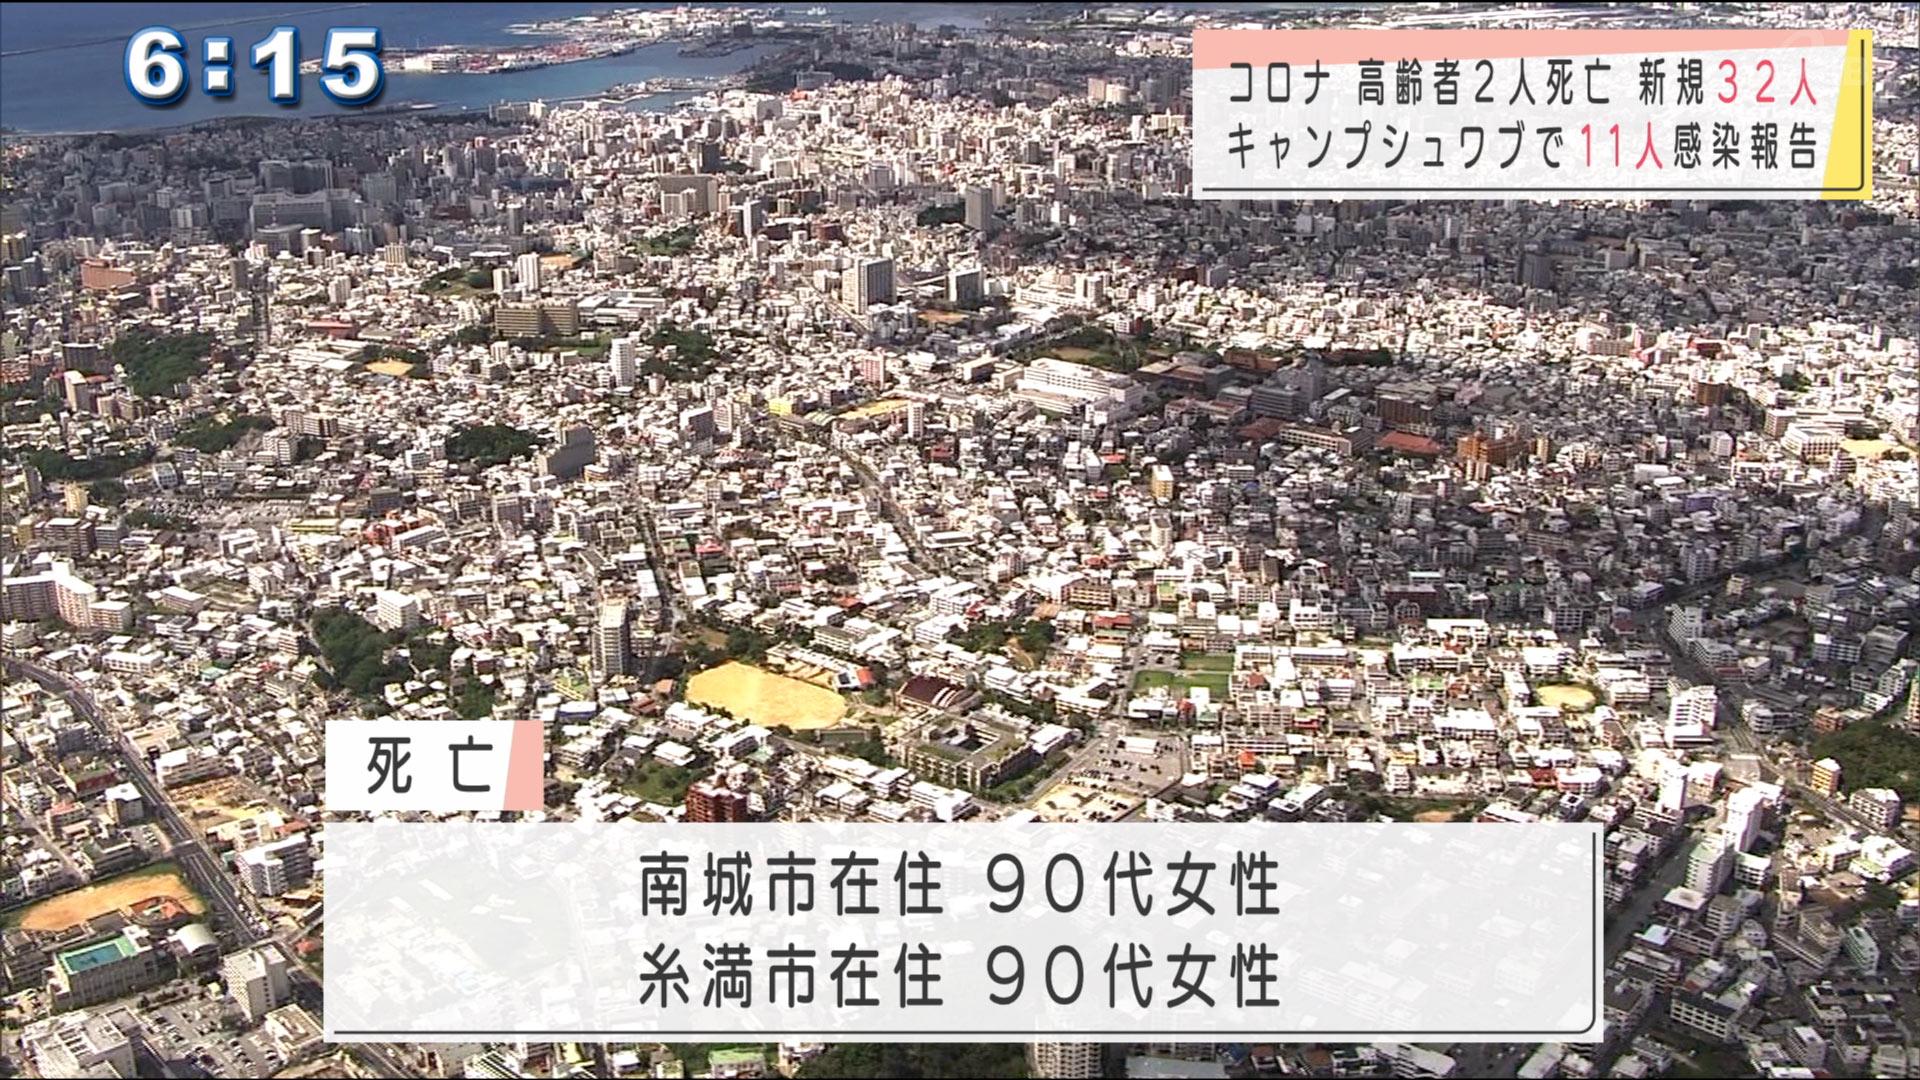 新型コロナ2人死亡32人感染 米軍も11人感染